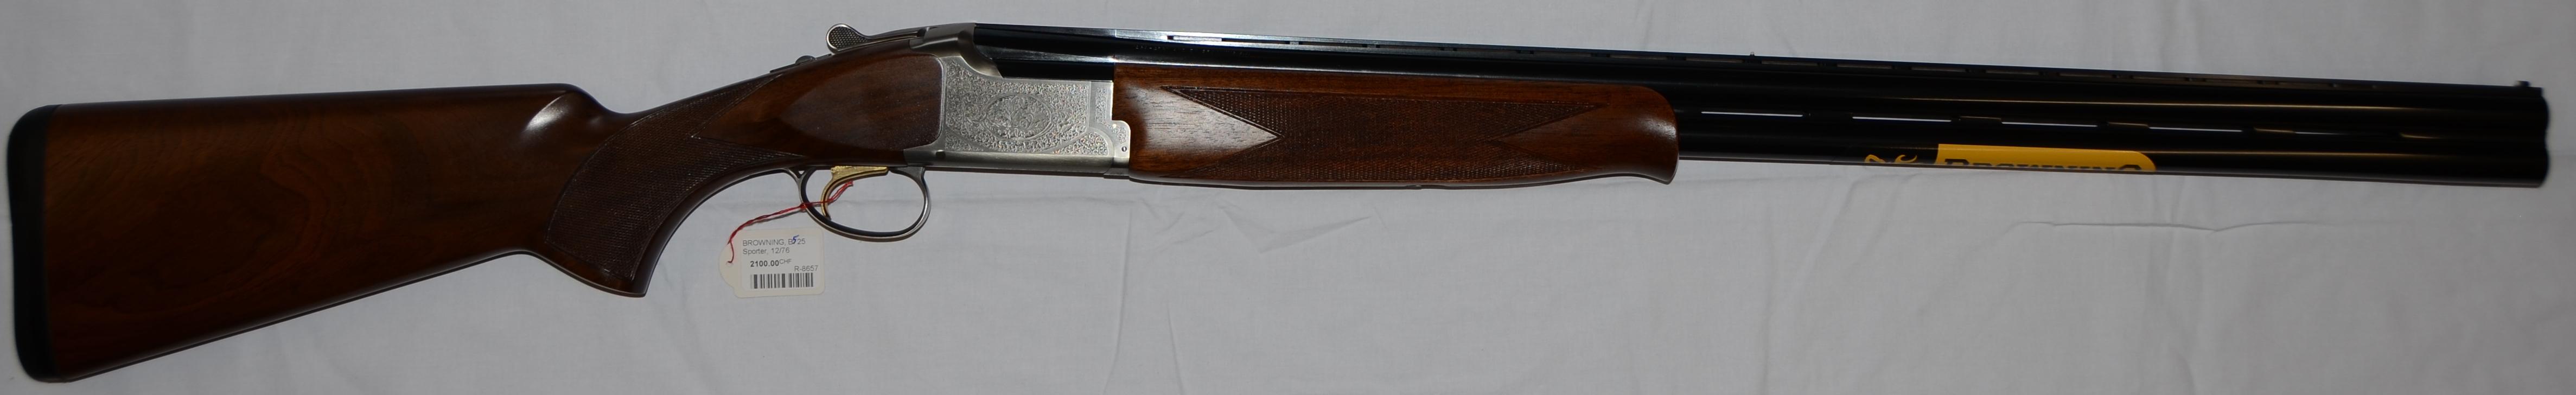 BROWNING B525 Sporter Image